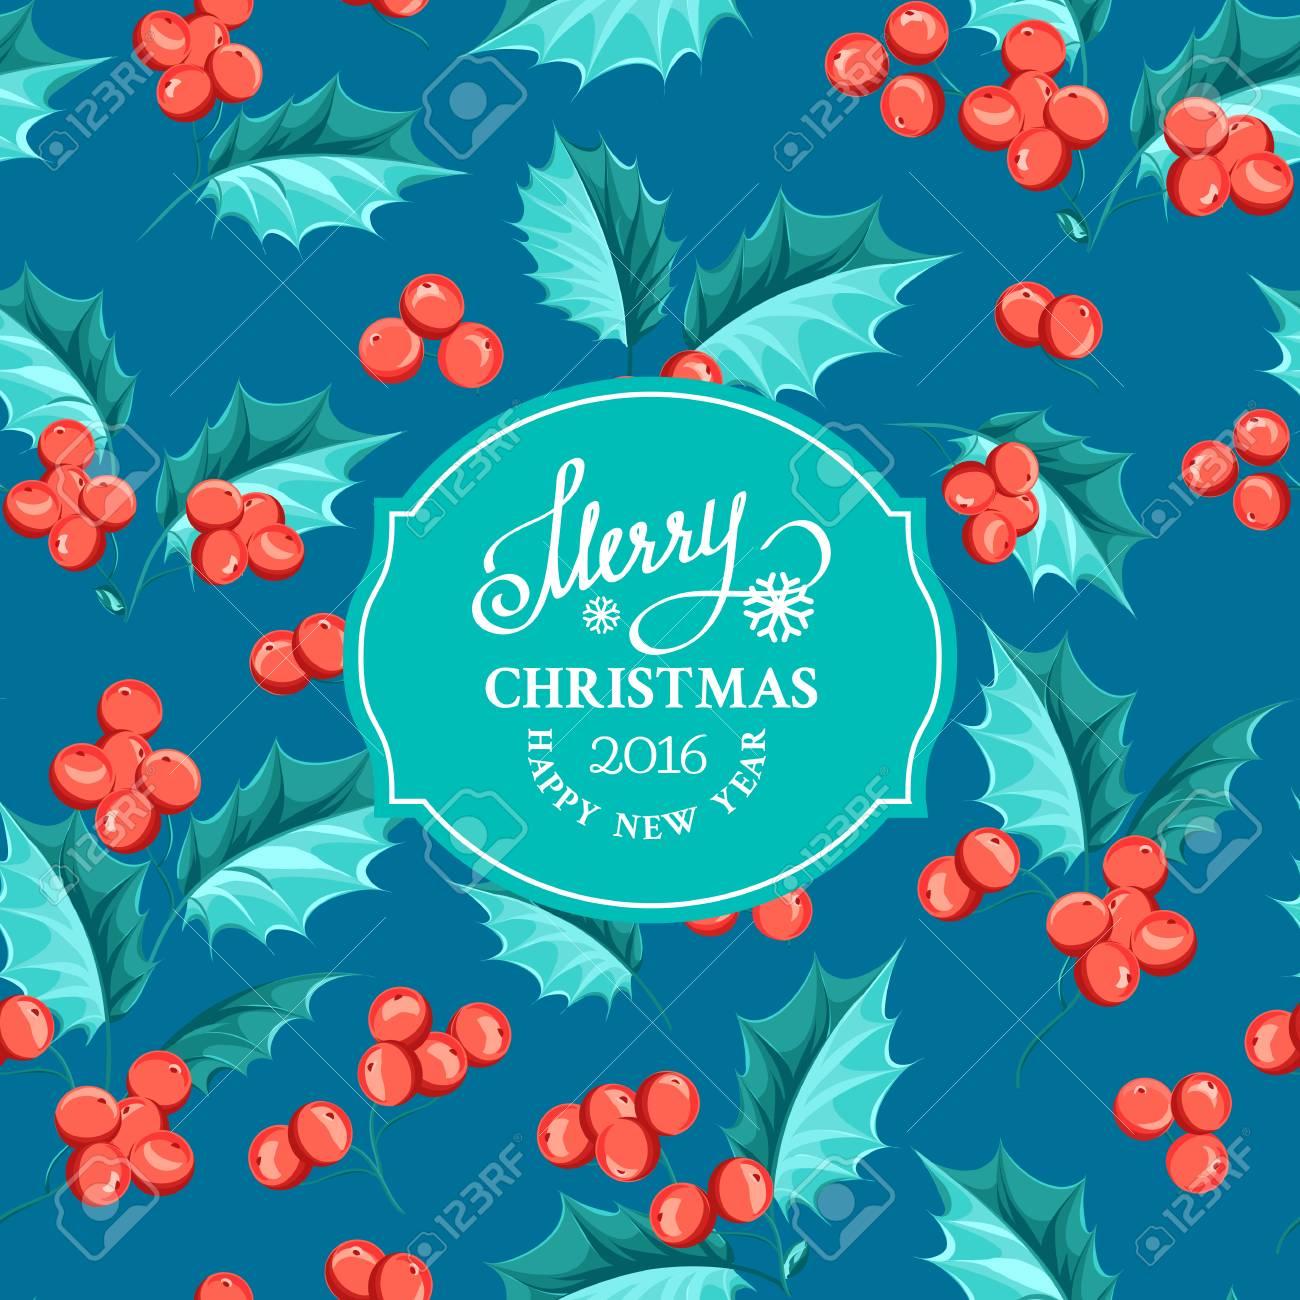 Weihnachten Mistel Urlaub Karte Mit Text. Frohes Neues Jahr 2016 ...